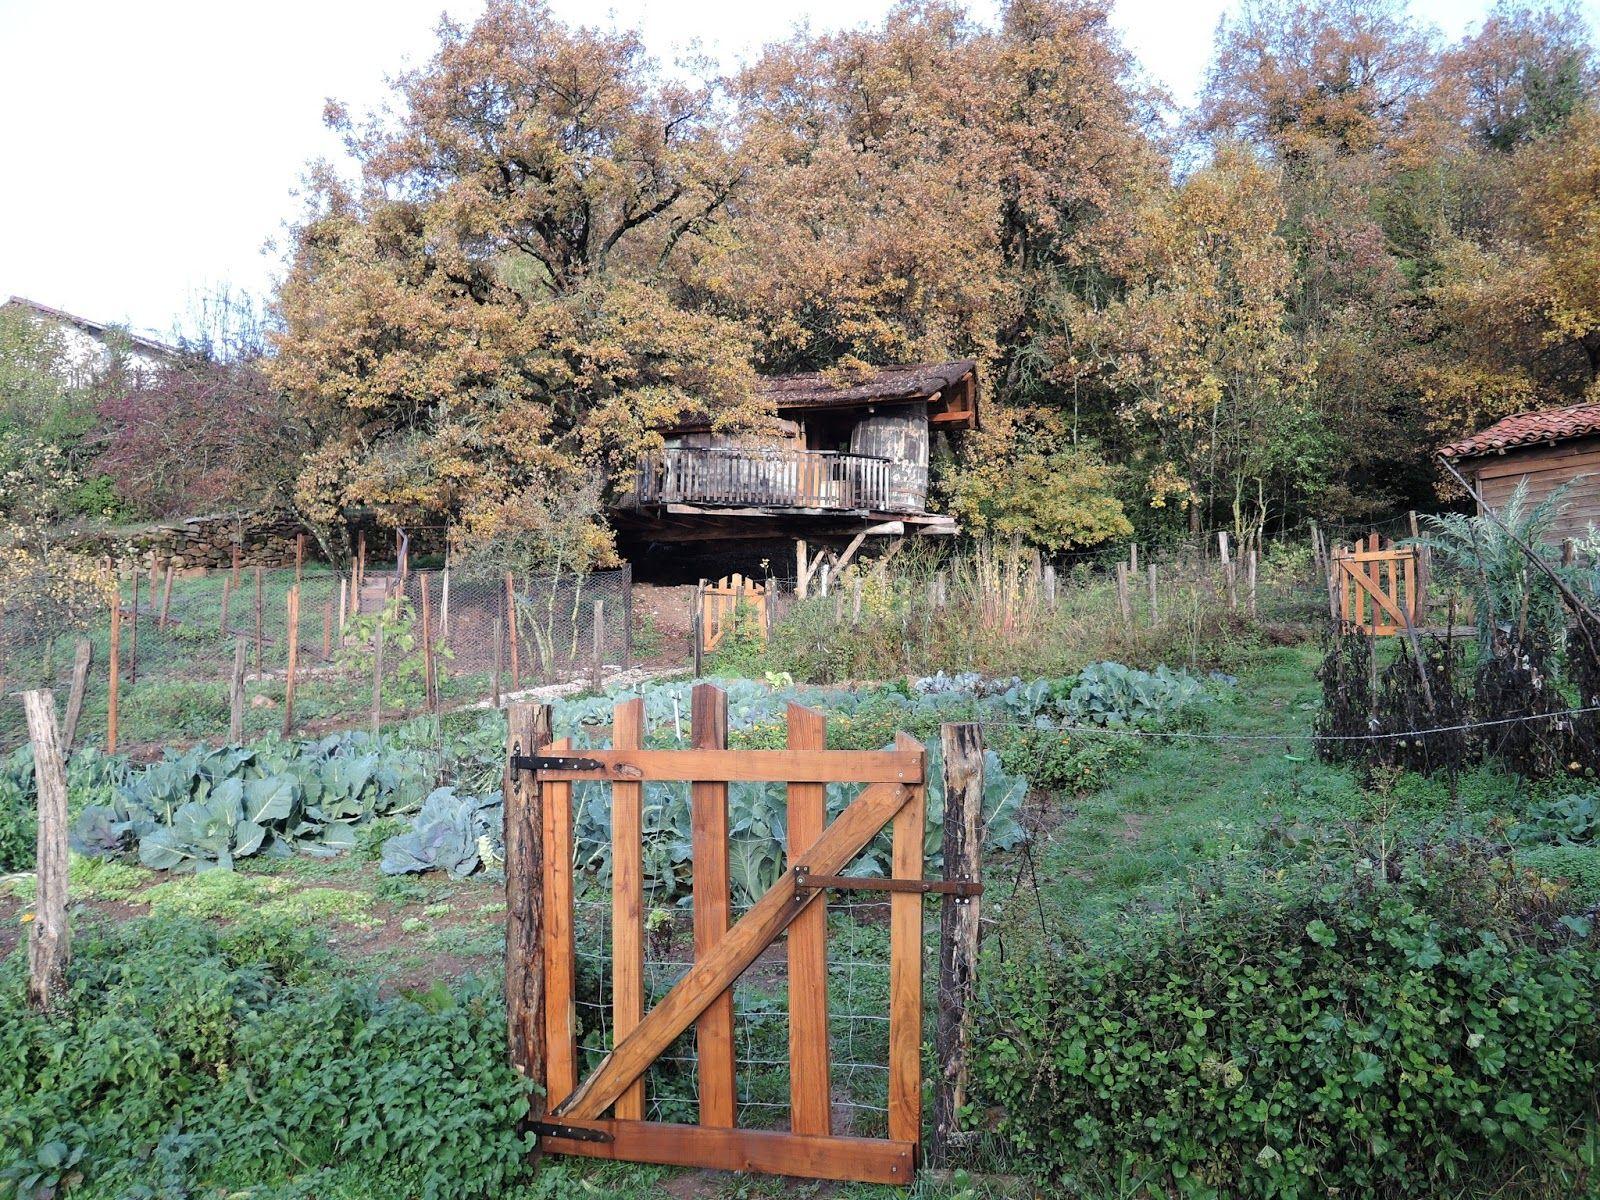 Urbanita 93 Impresionante Escapada A Una Cabaña En Un árbol Navarra Cabaña Arbol Cabañas Escapadas